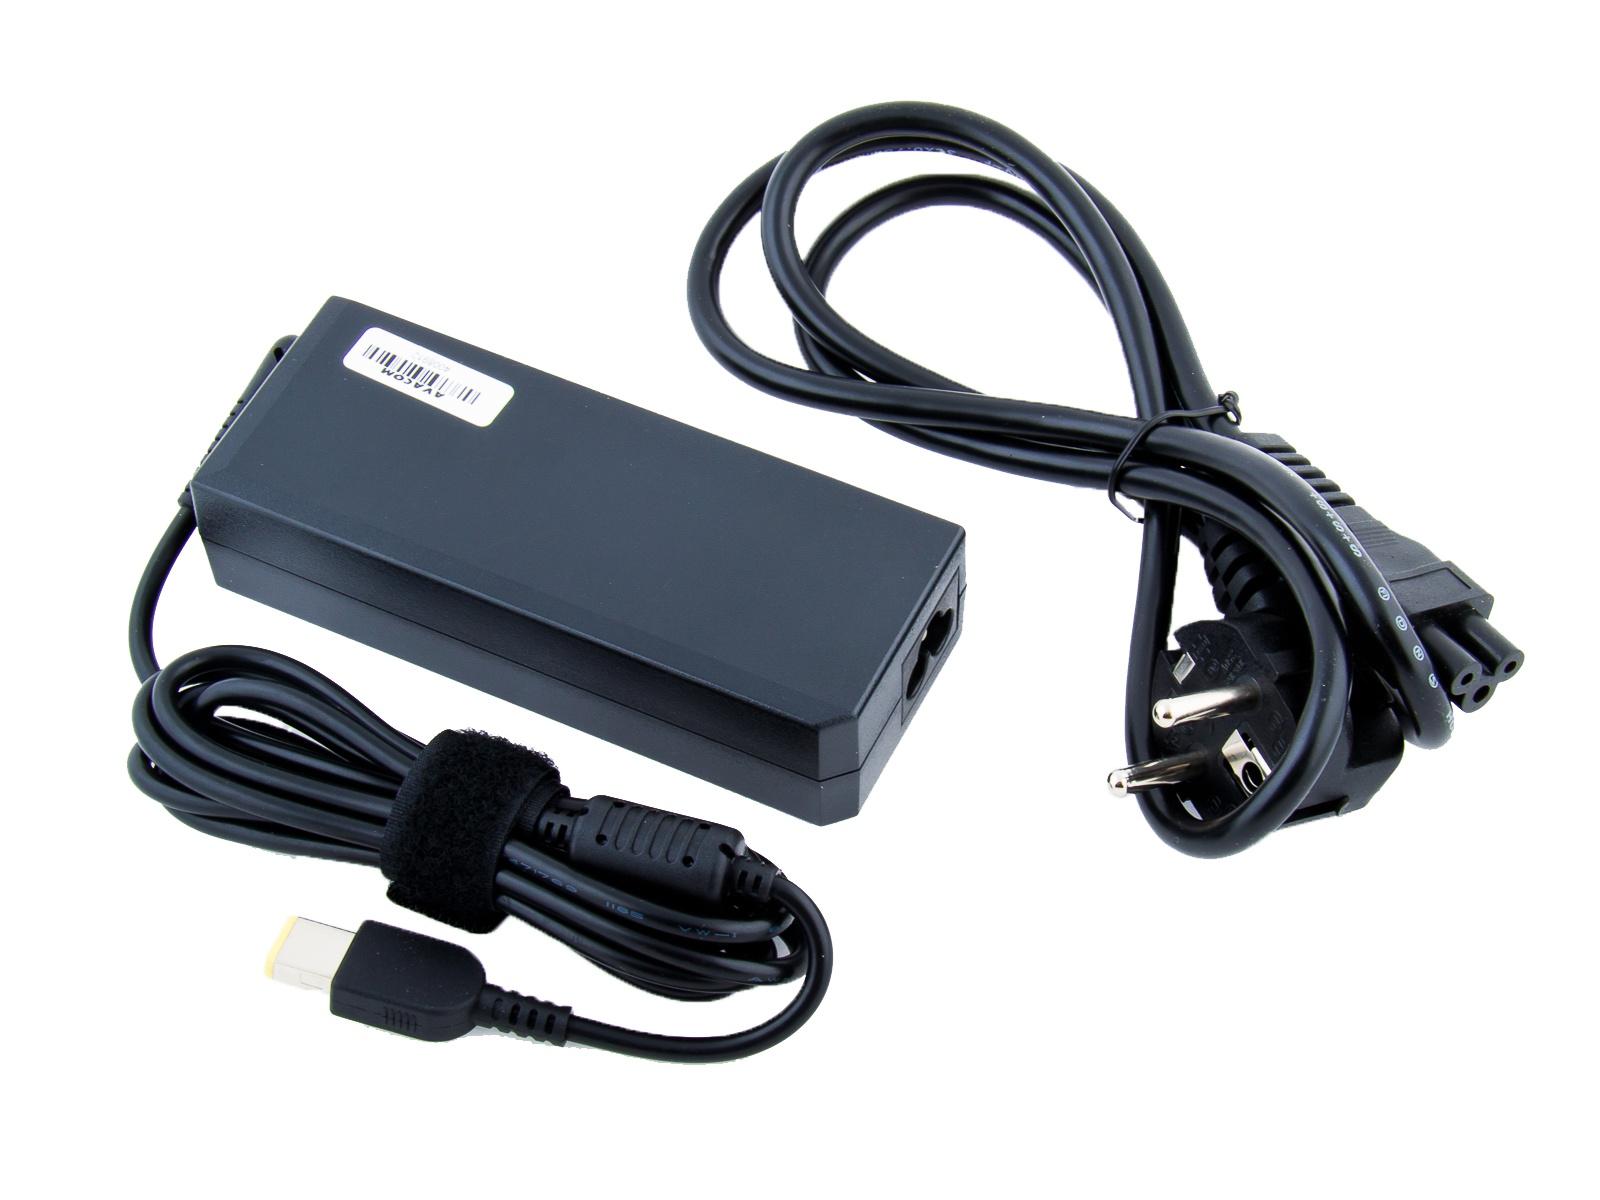 Nabíjecí adaptér AVACOM pro notebook IBM/Lenovo 20V 4,5A 90W hranatý konektor